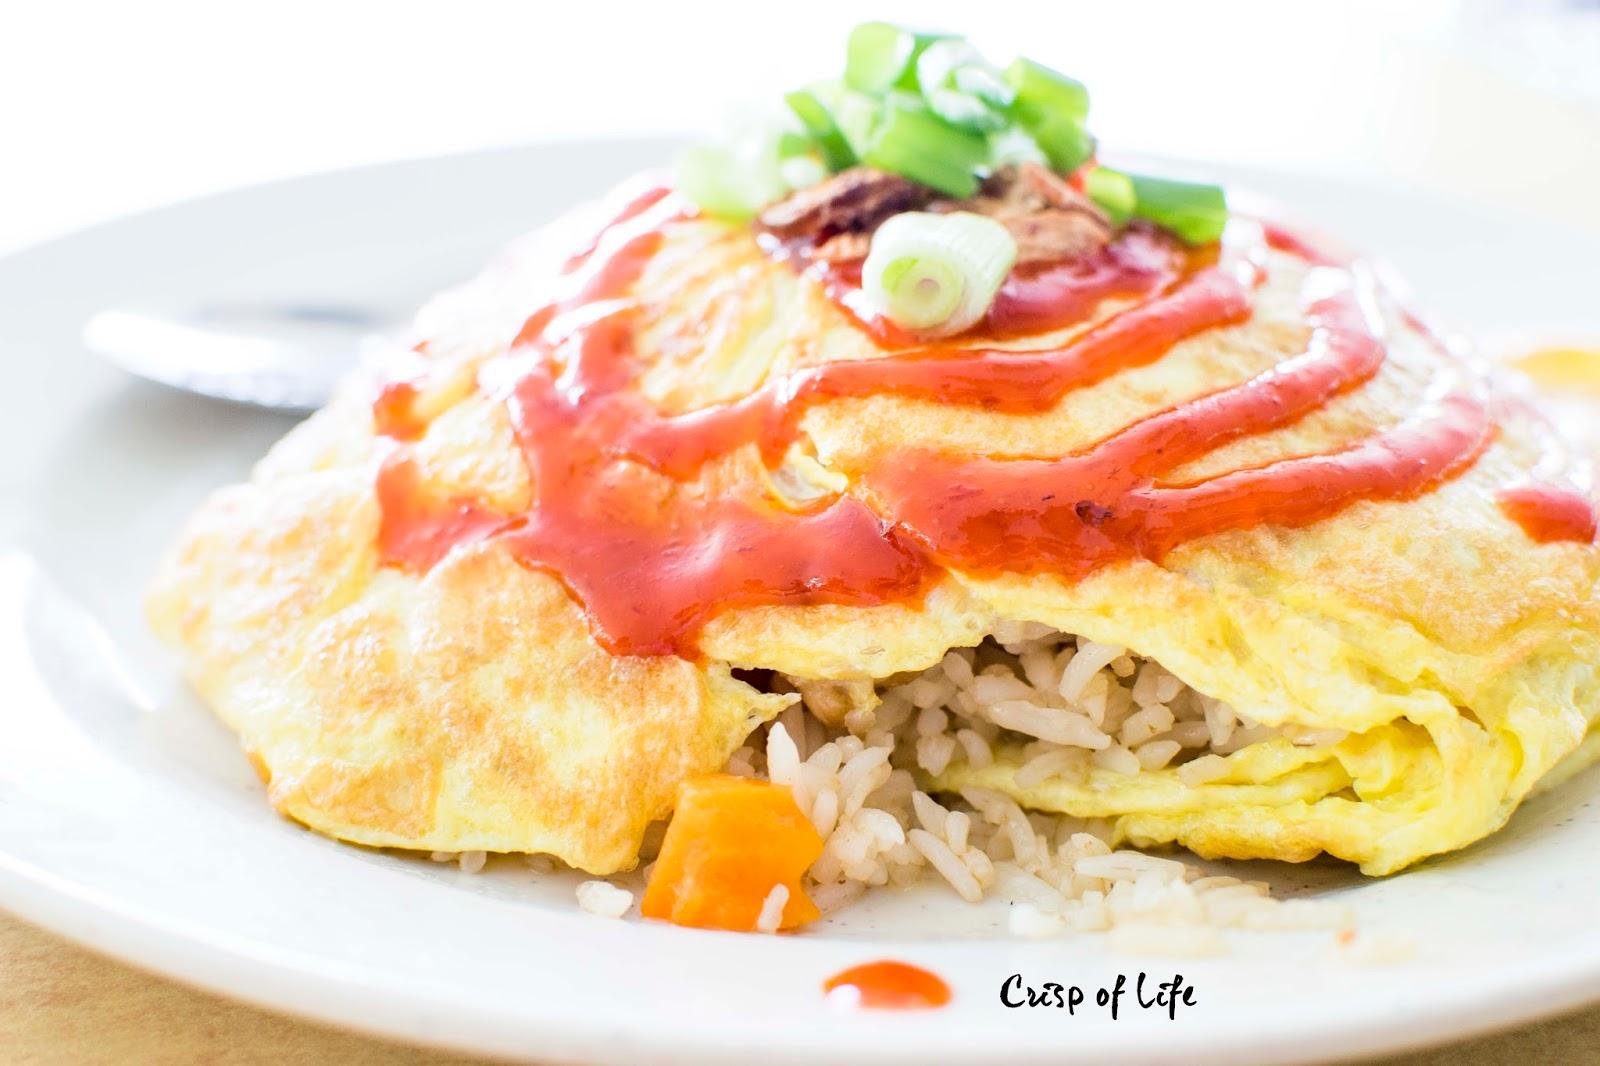 ARA Cafe Seafood @ Sungai Ara, Penang